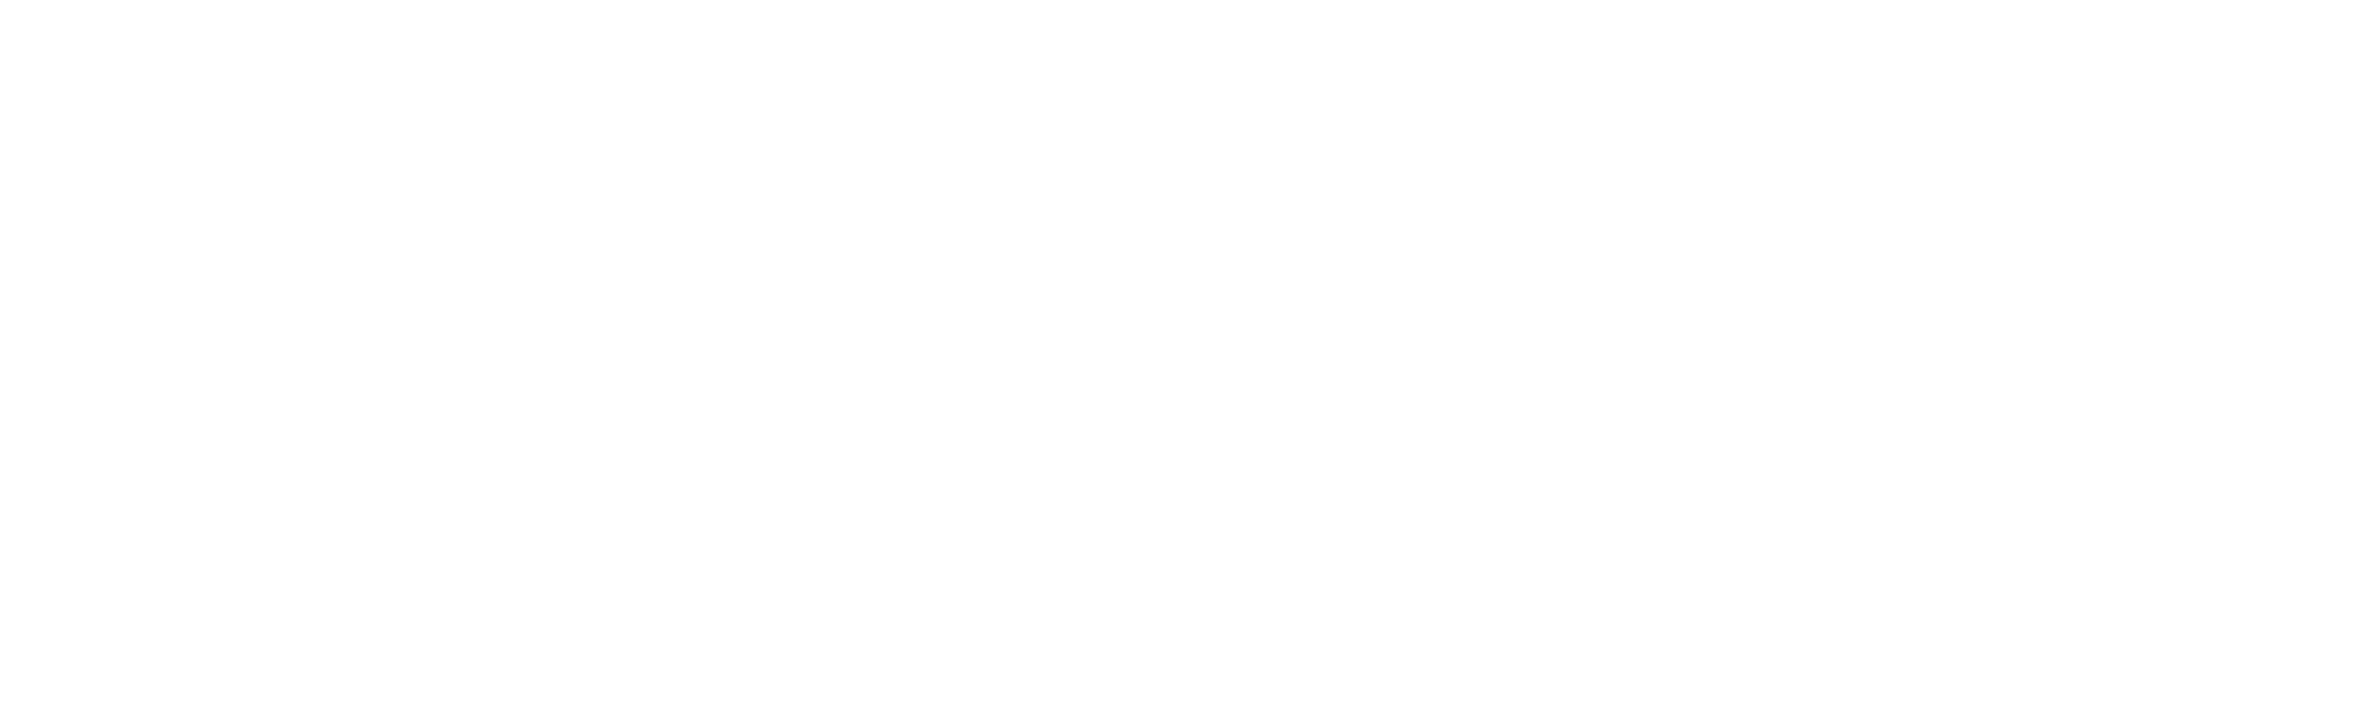 Gemma Wilson PR - Logo - White